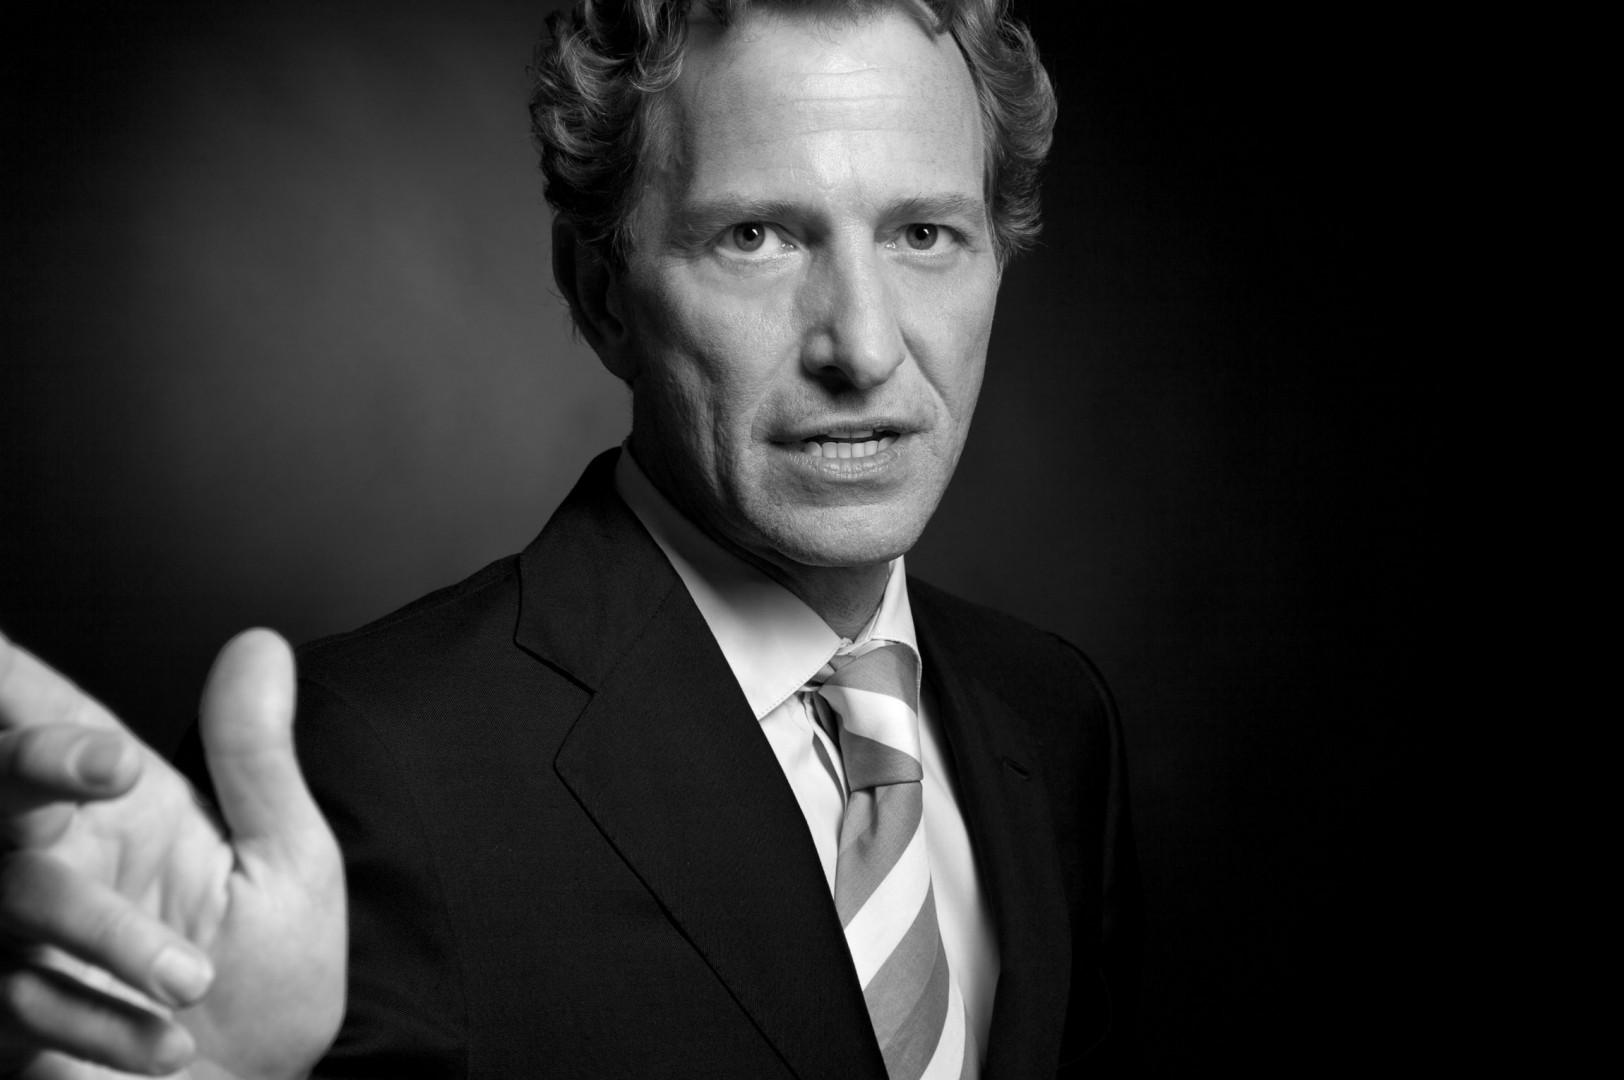 Anwalt Portrait Fotografie Werbefotografie